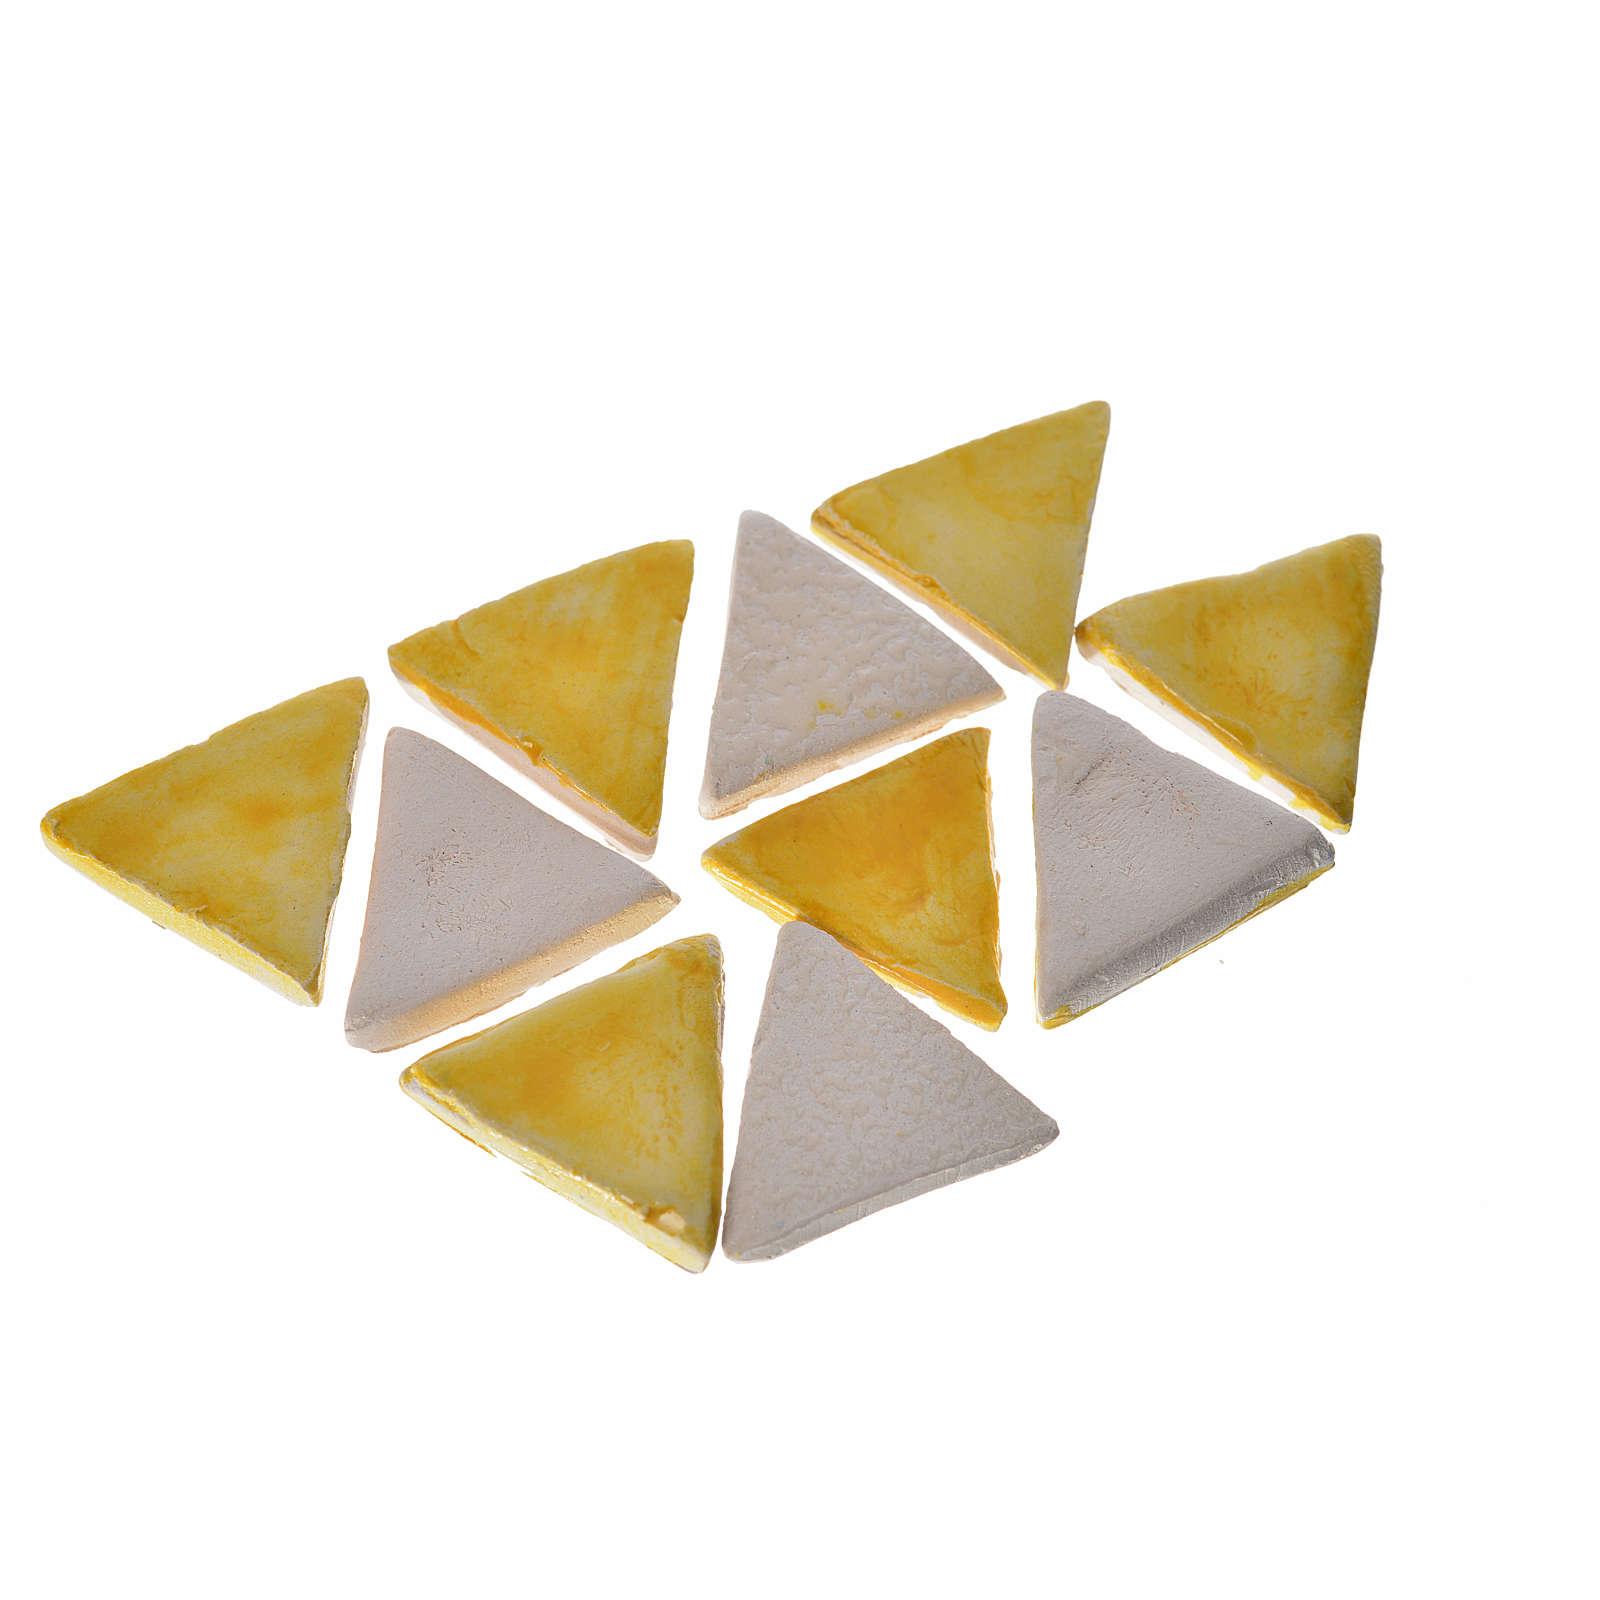 Azulejos de terracota esmaltada, 60 piezas amarillas 4